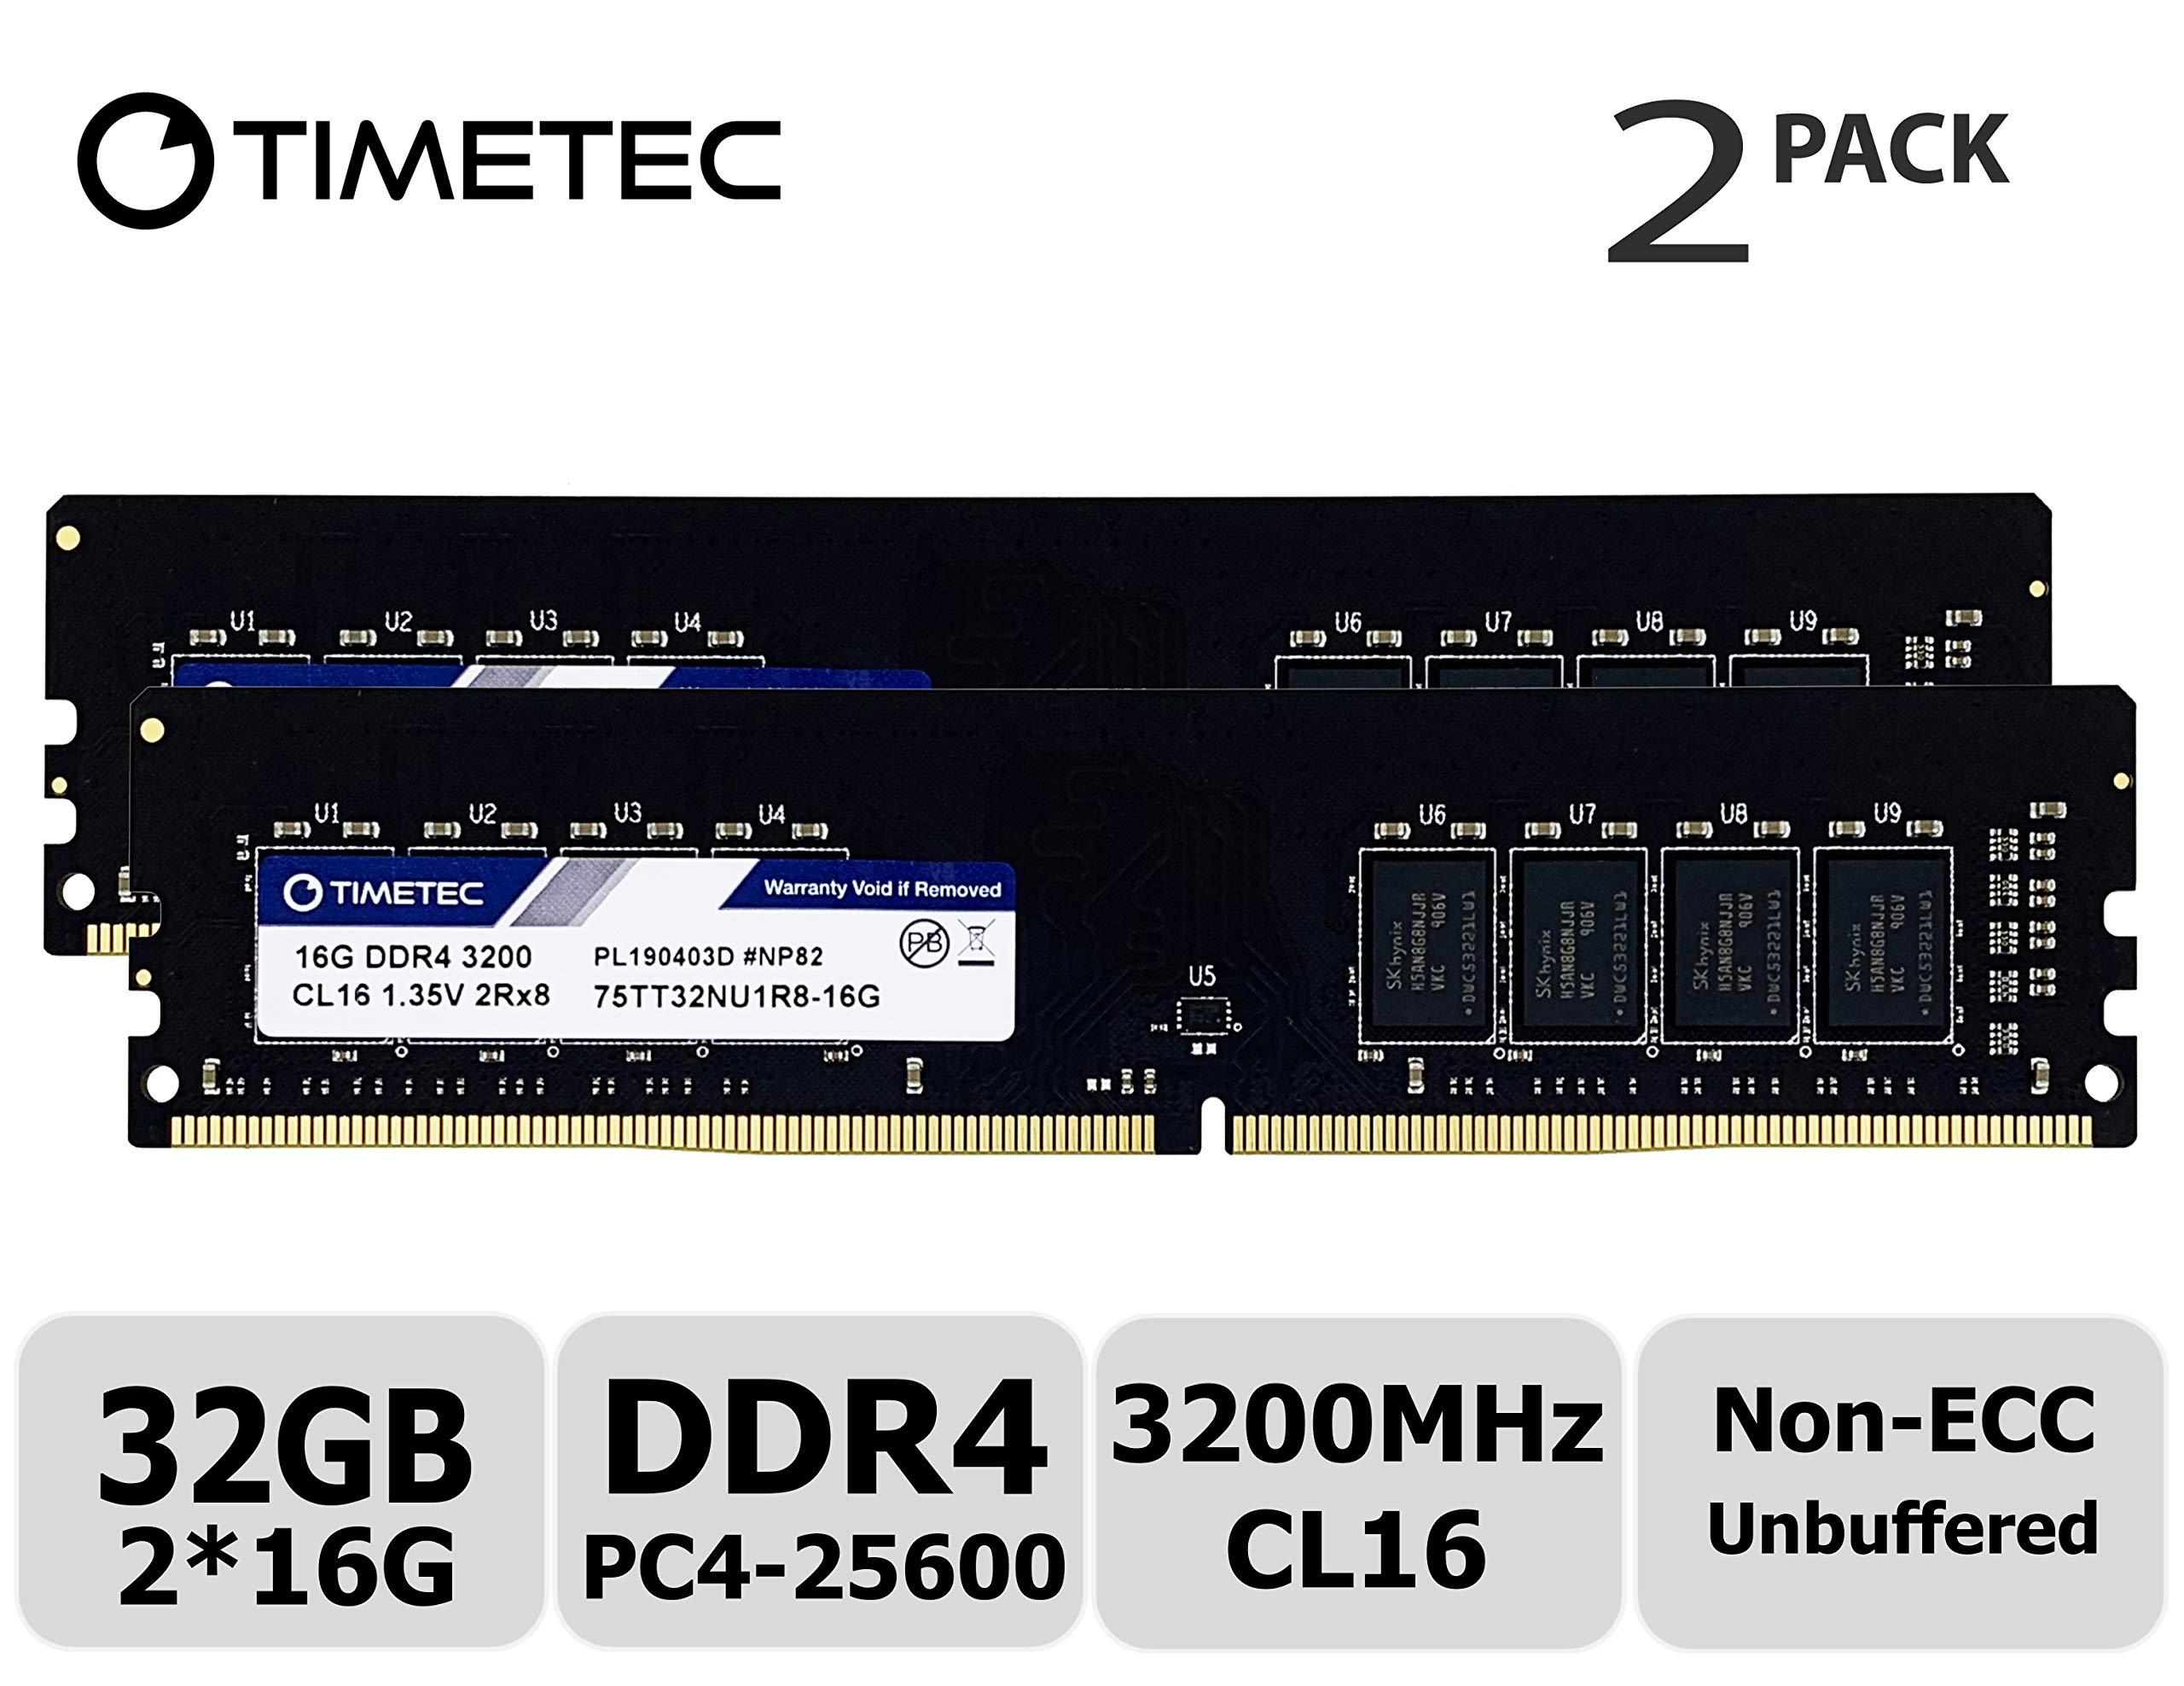 Memoria Ram 32GB (2X16GB) DDR4 3200MHZ PC4-25600 TIMETEC